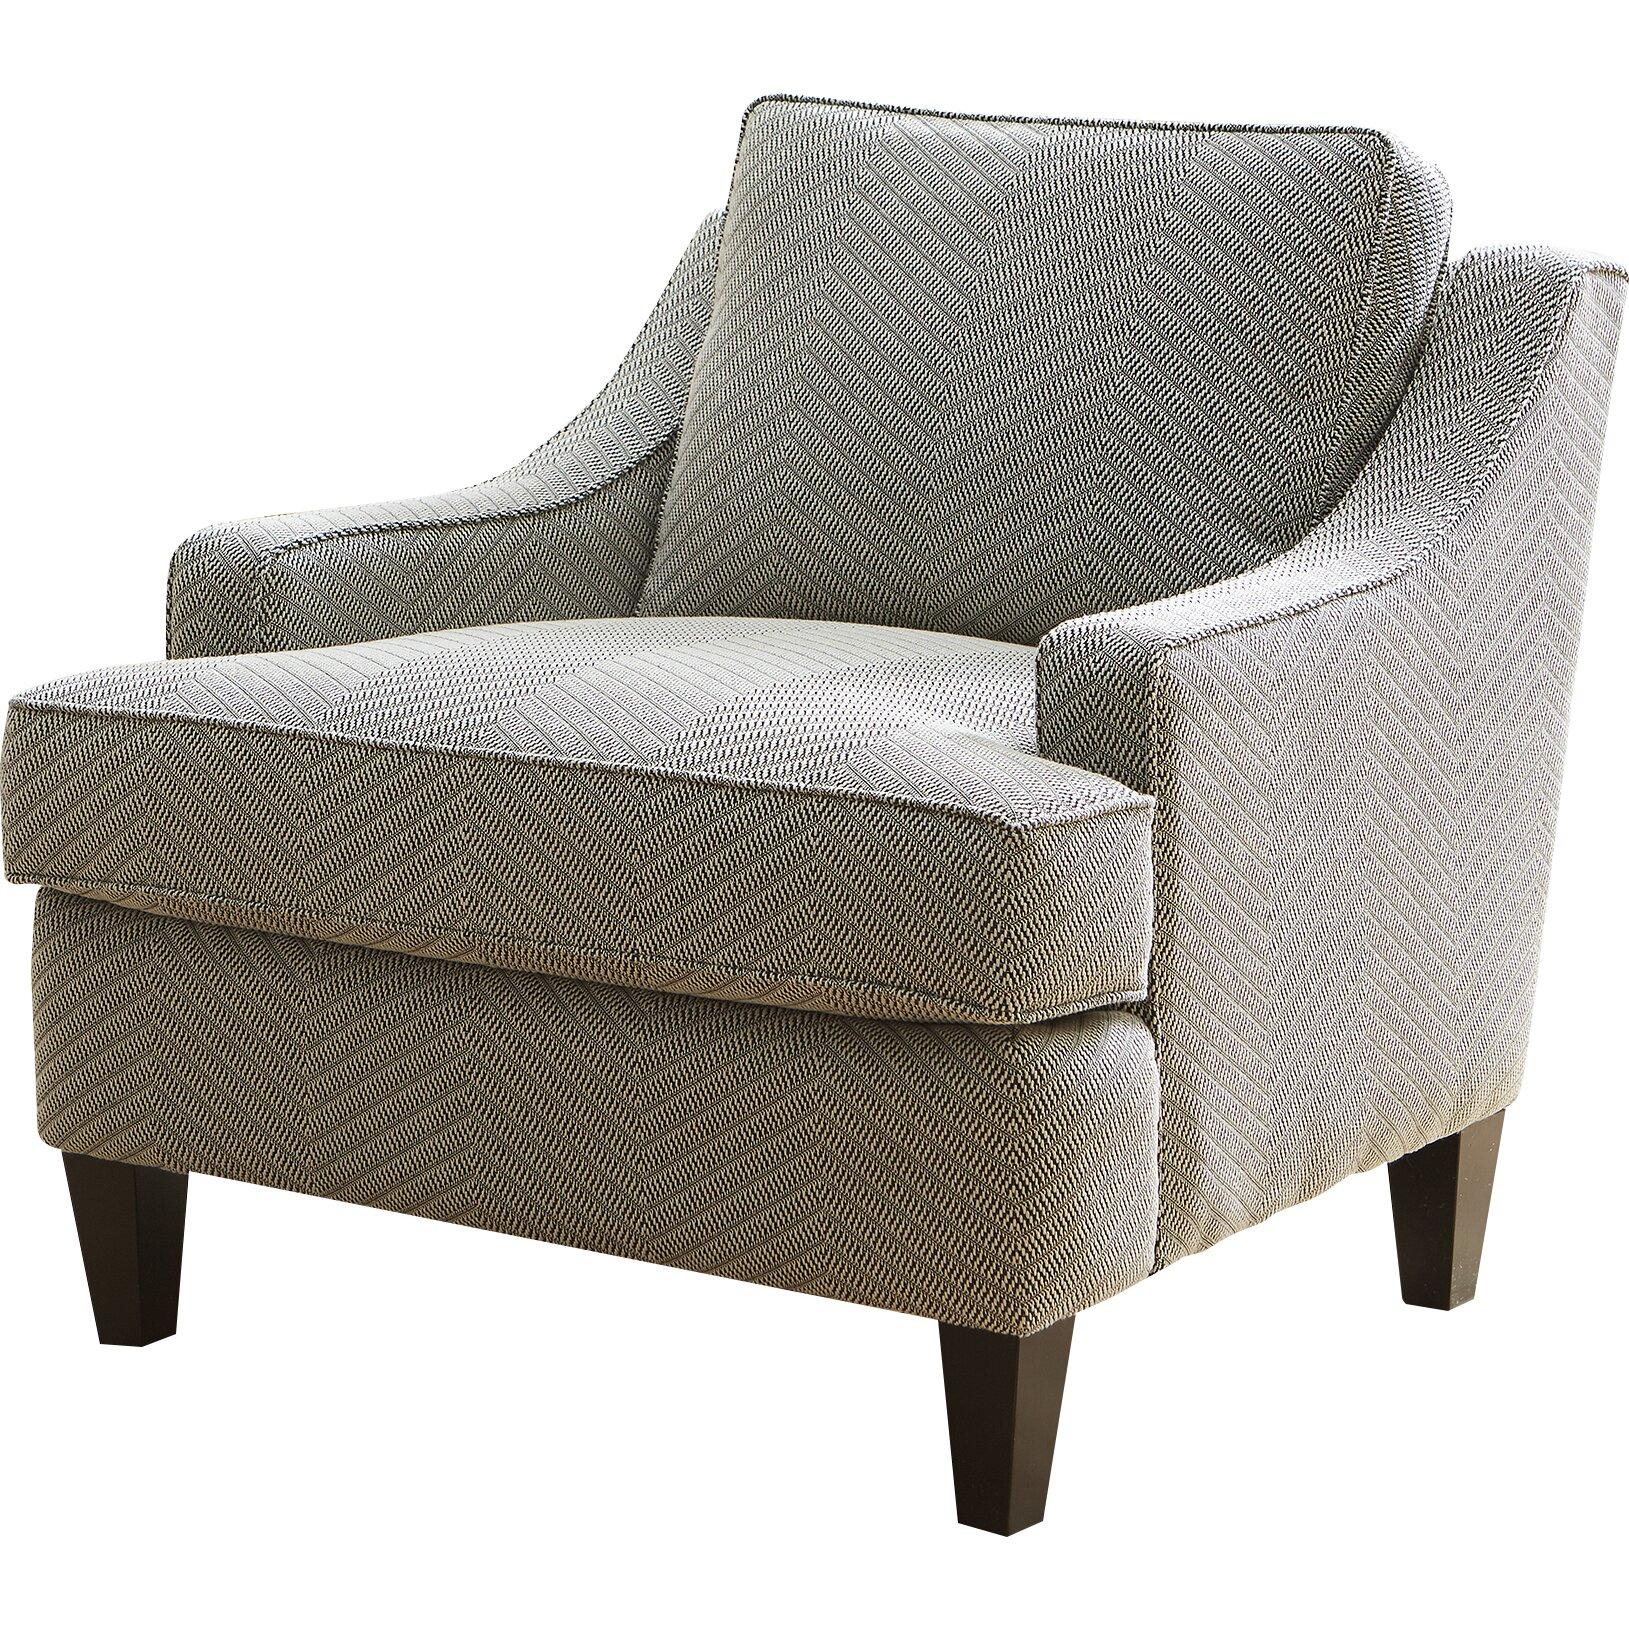 dwellstudio george arm chair reviews